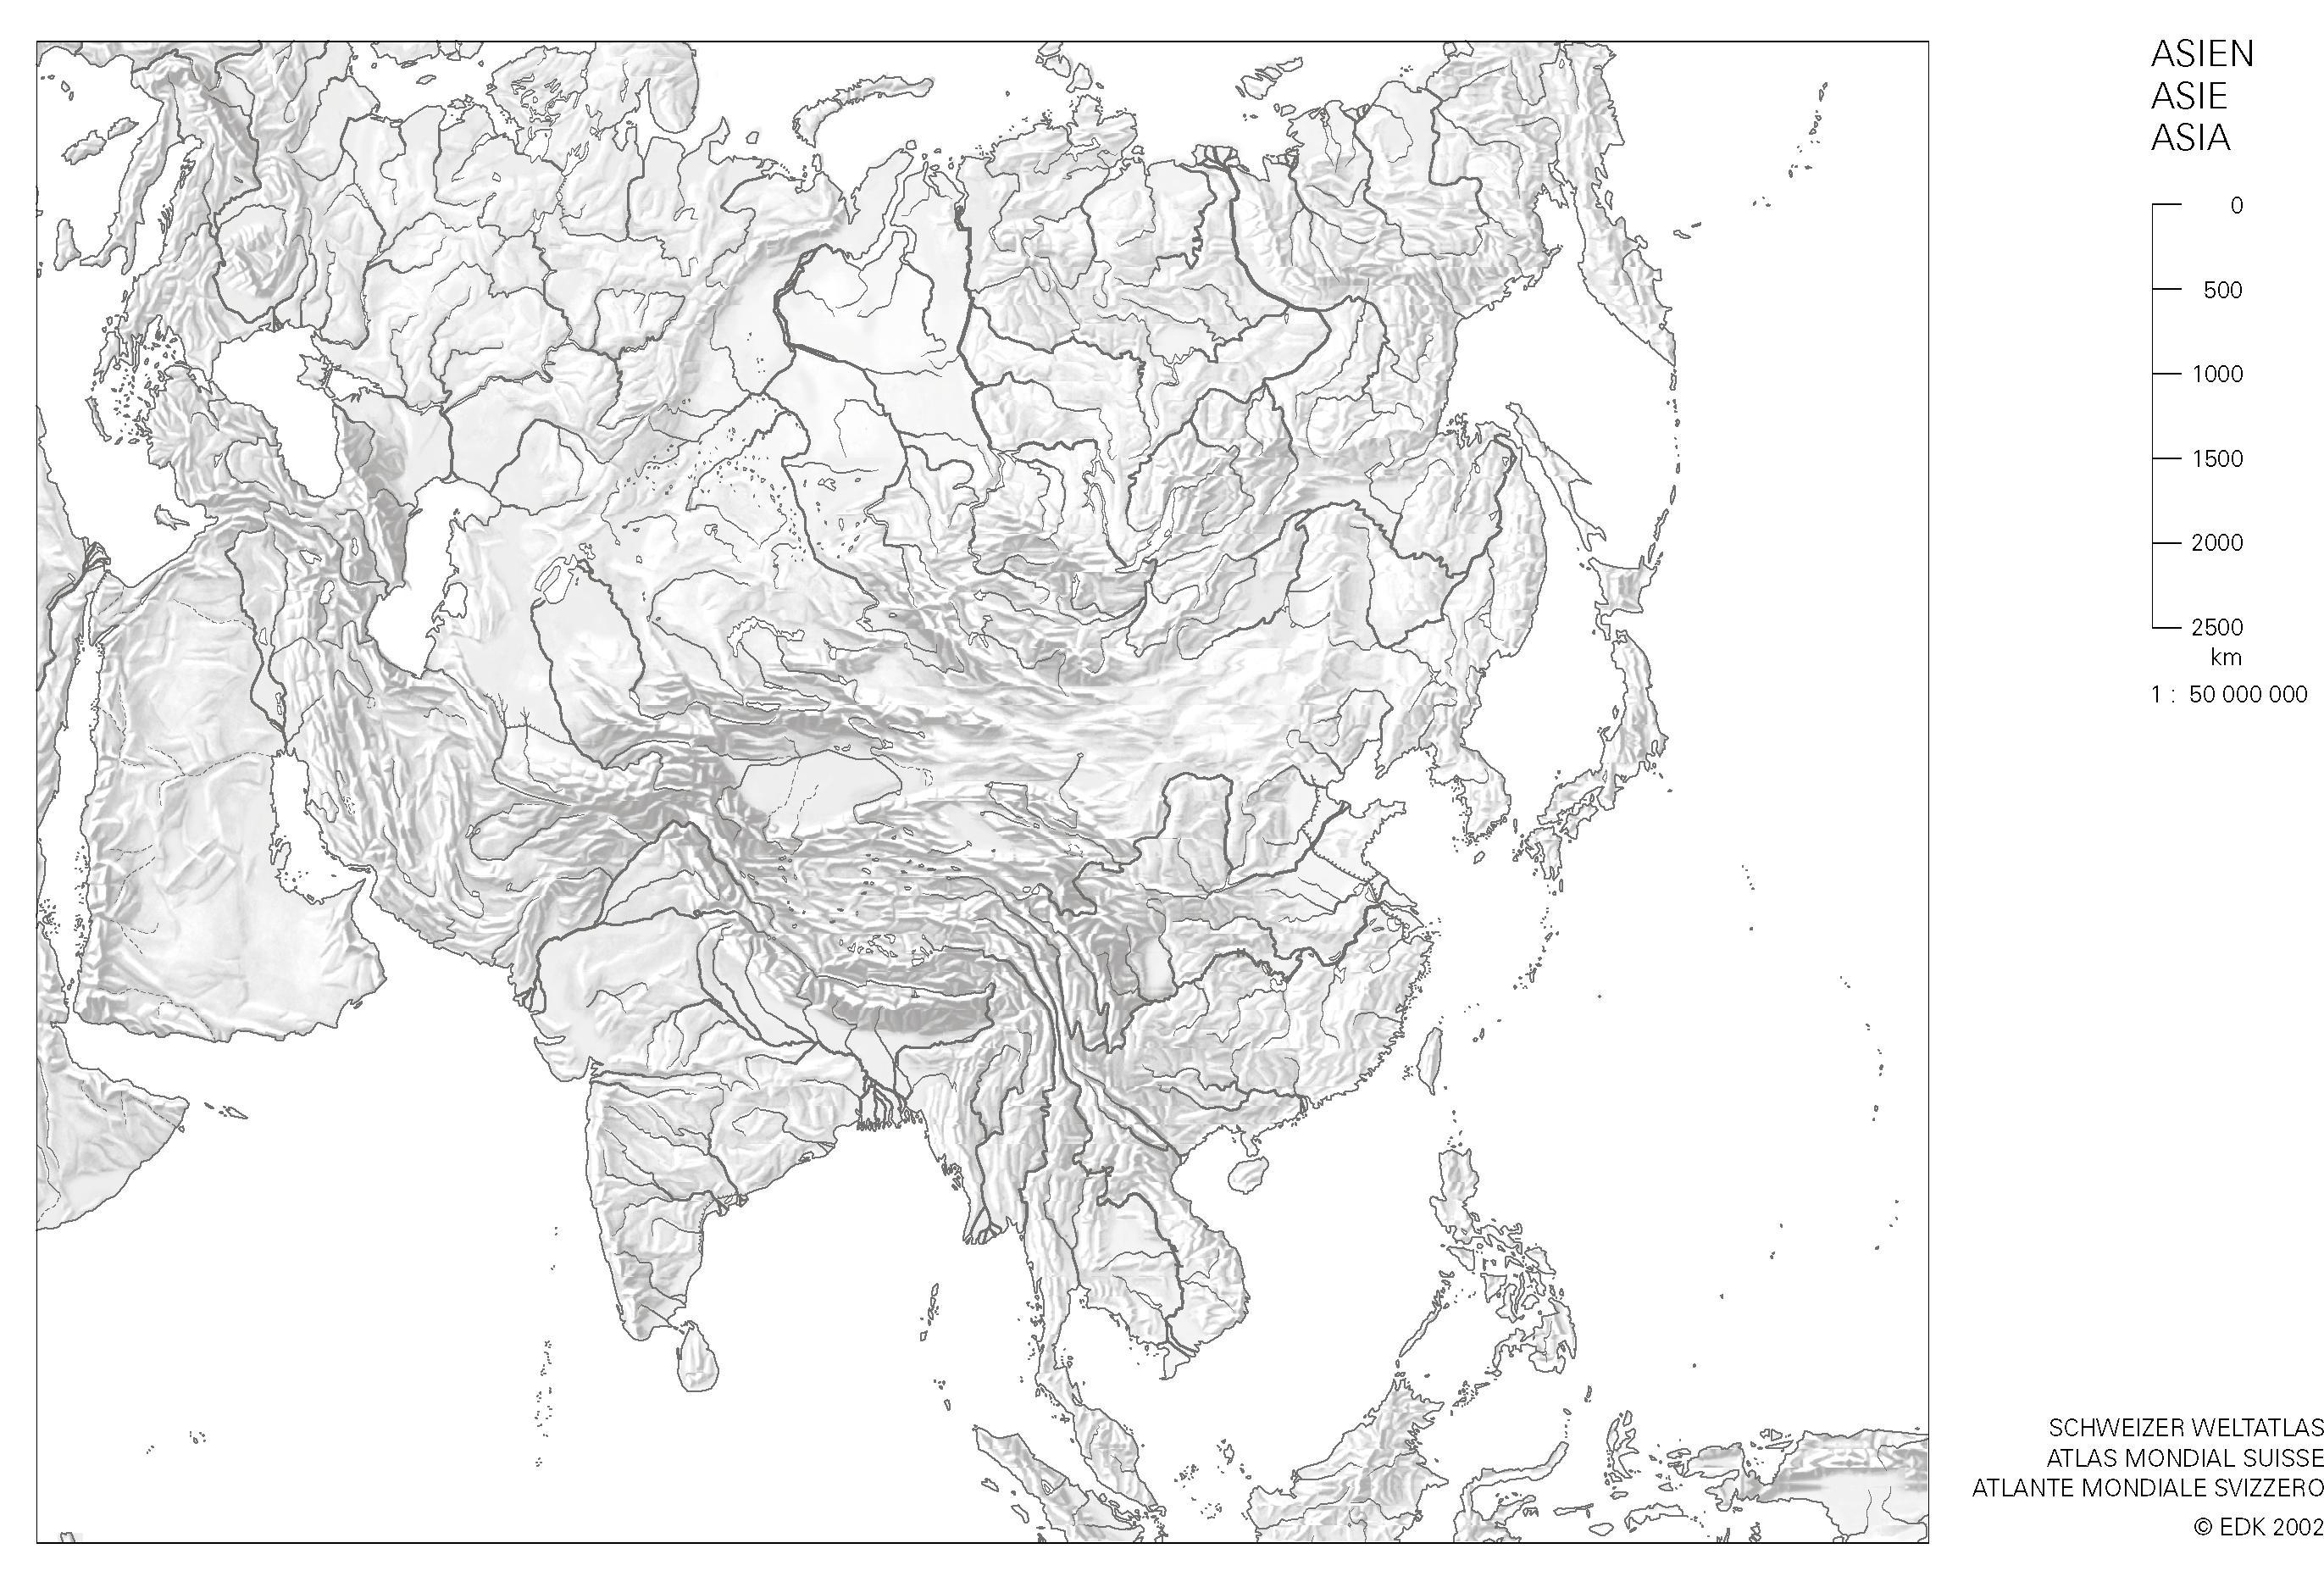 Stumme Karte Naher Osten.Staaten Im Nahen Osten Karte